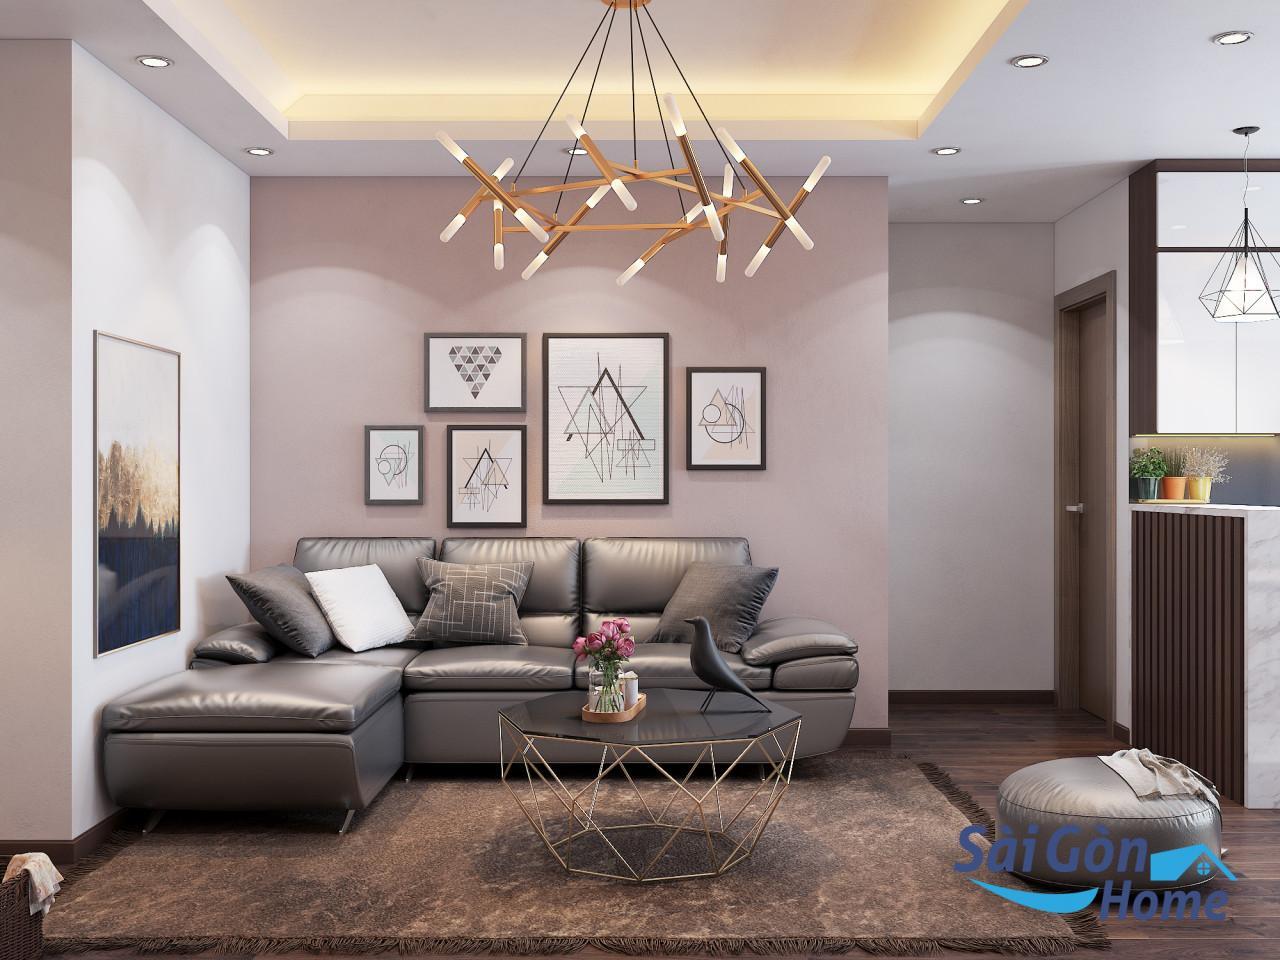 Lựa chọn hướng nhà chung cư theo phong thủy là điều nên làm